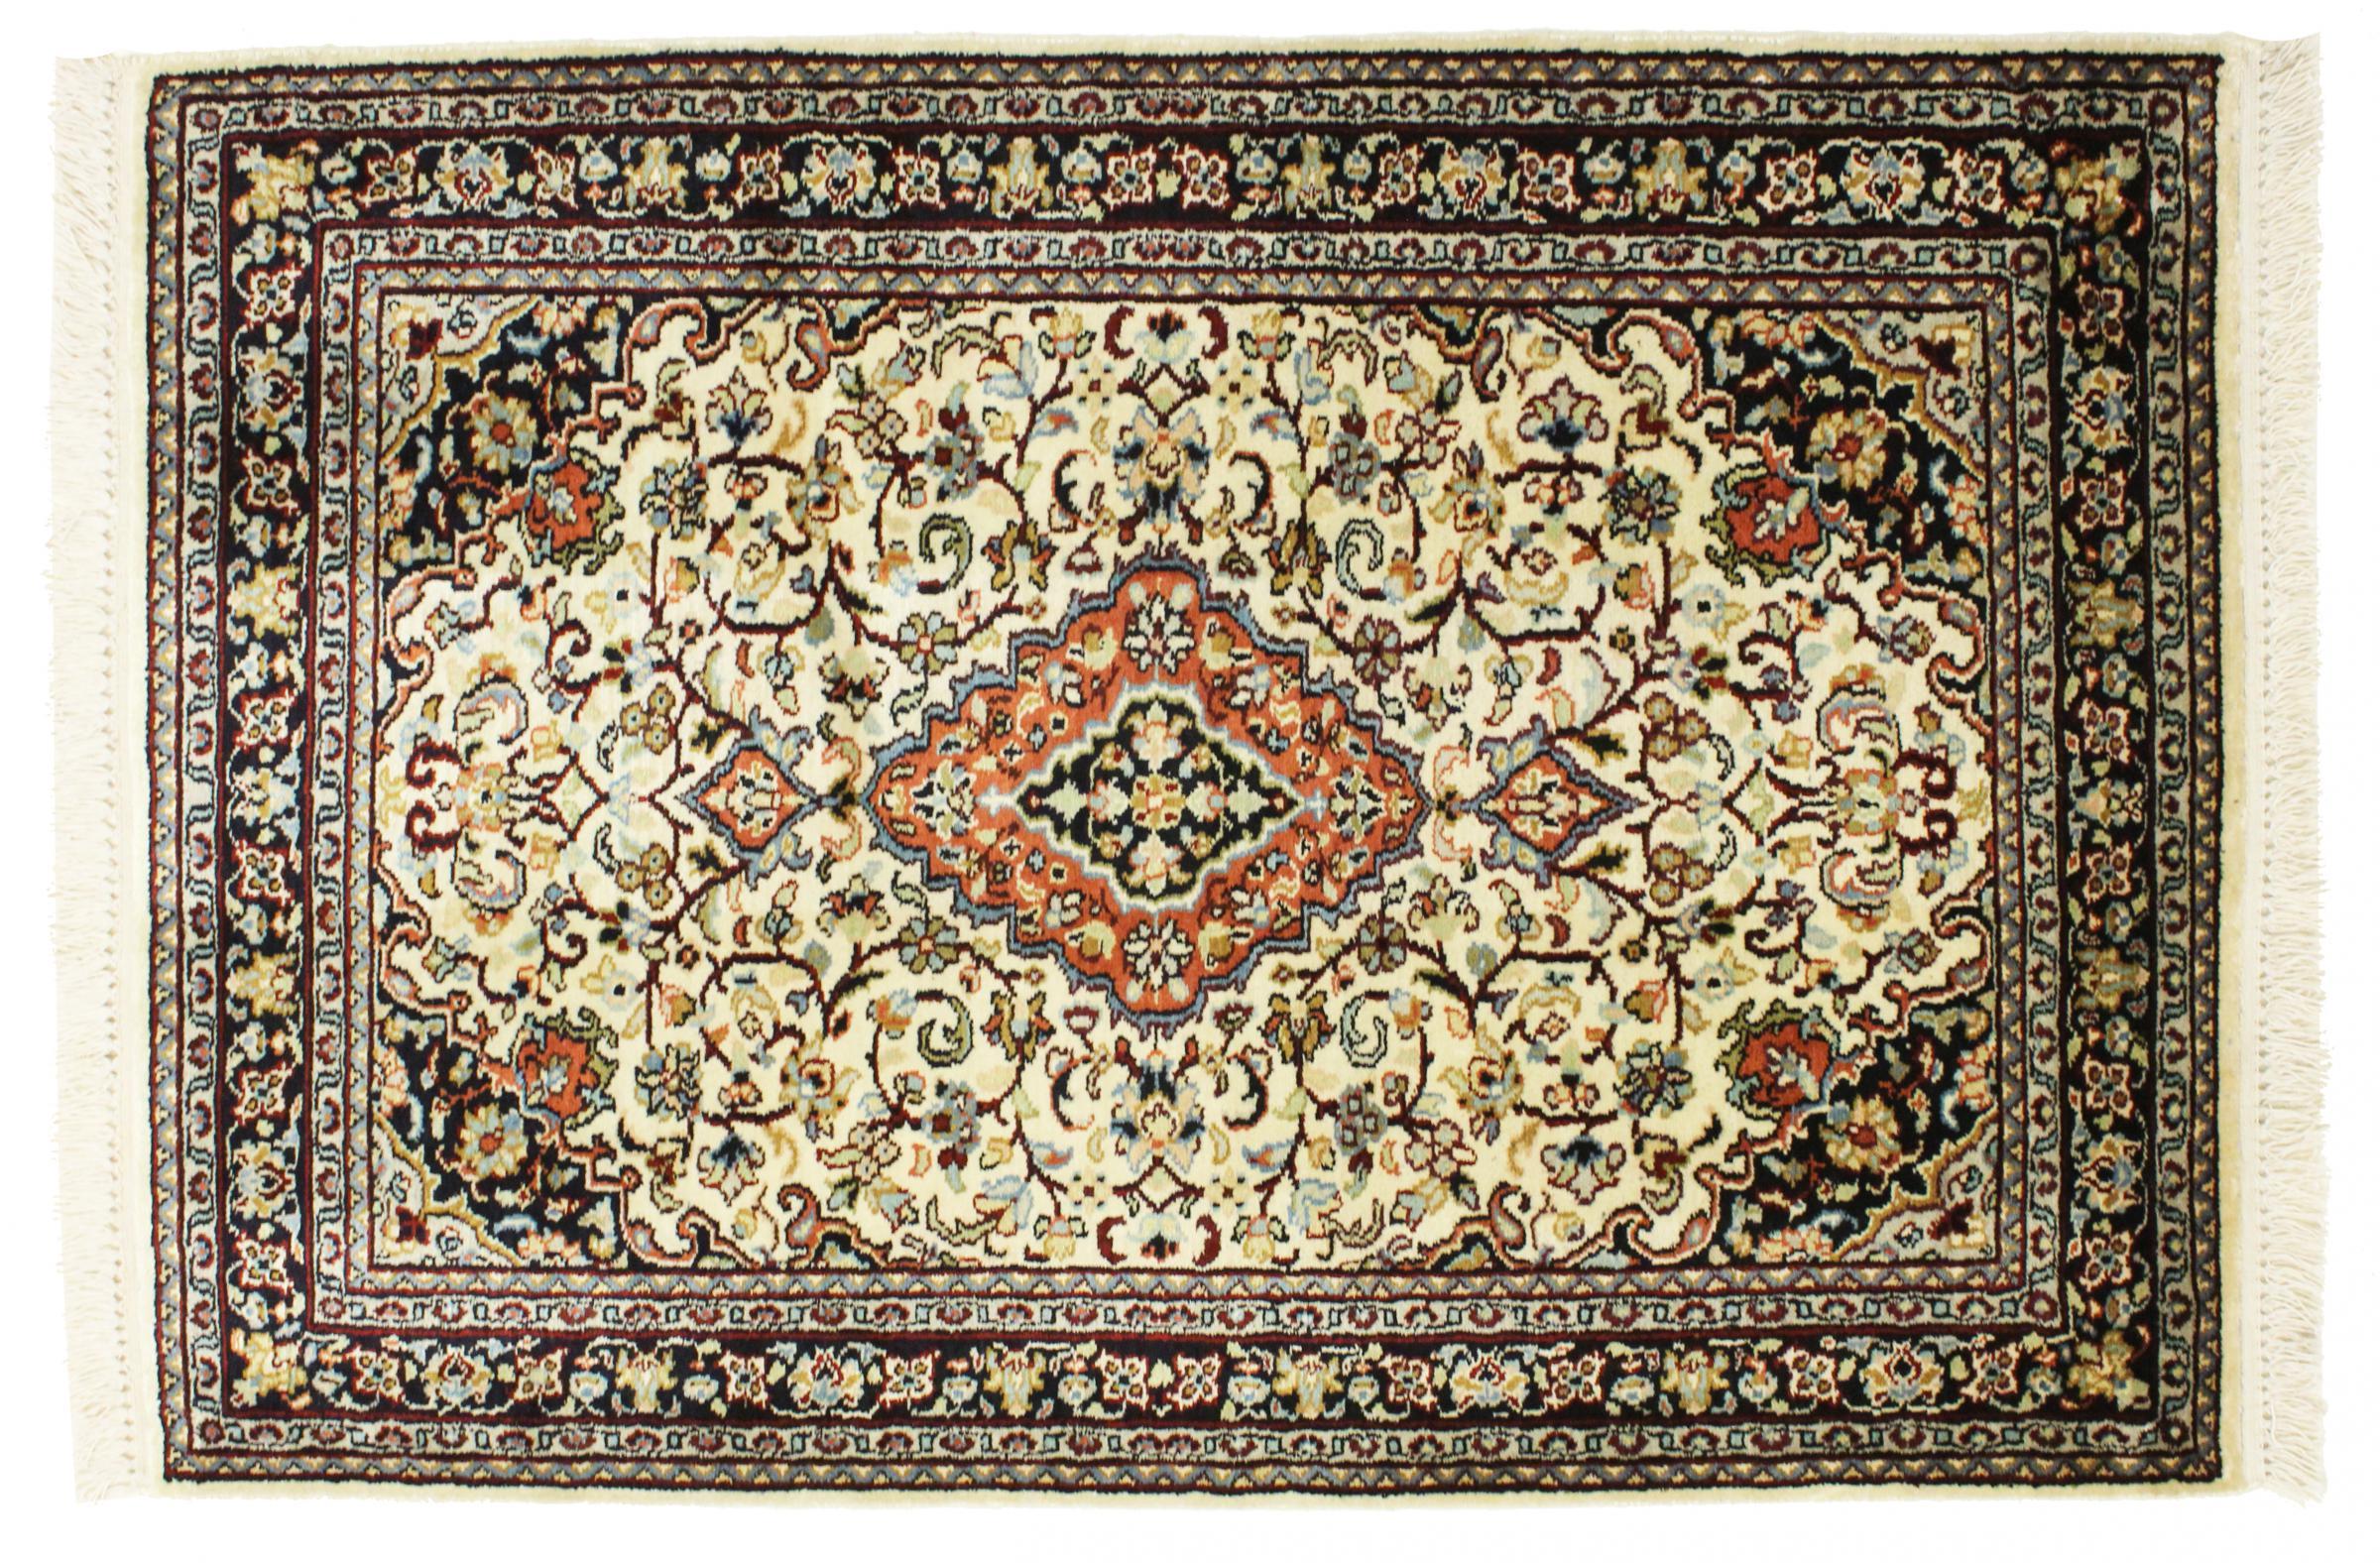 kaschmir reine seide indischer teppich 93x66 id33084. Black Bedroom Furniture Sets. Home Design Ideas